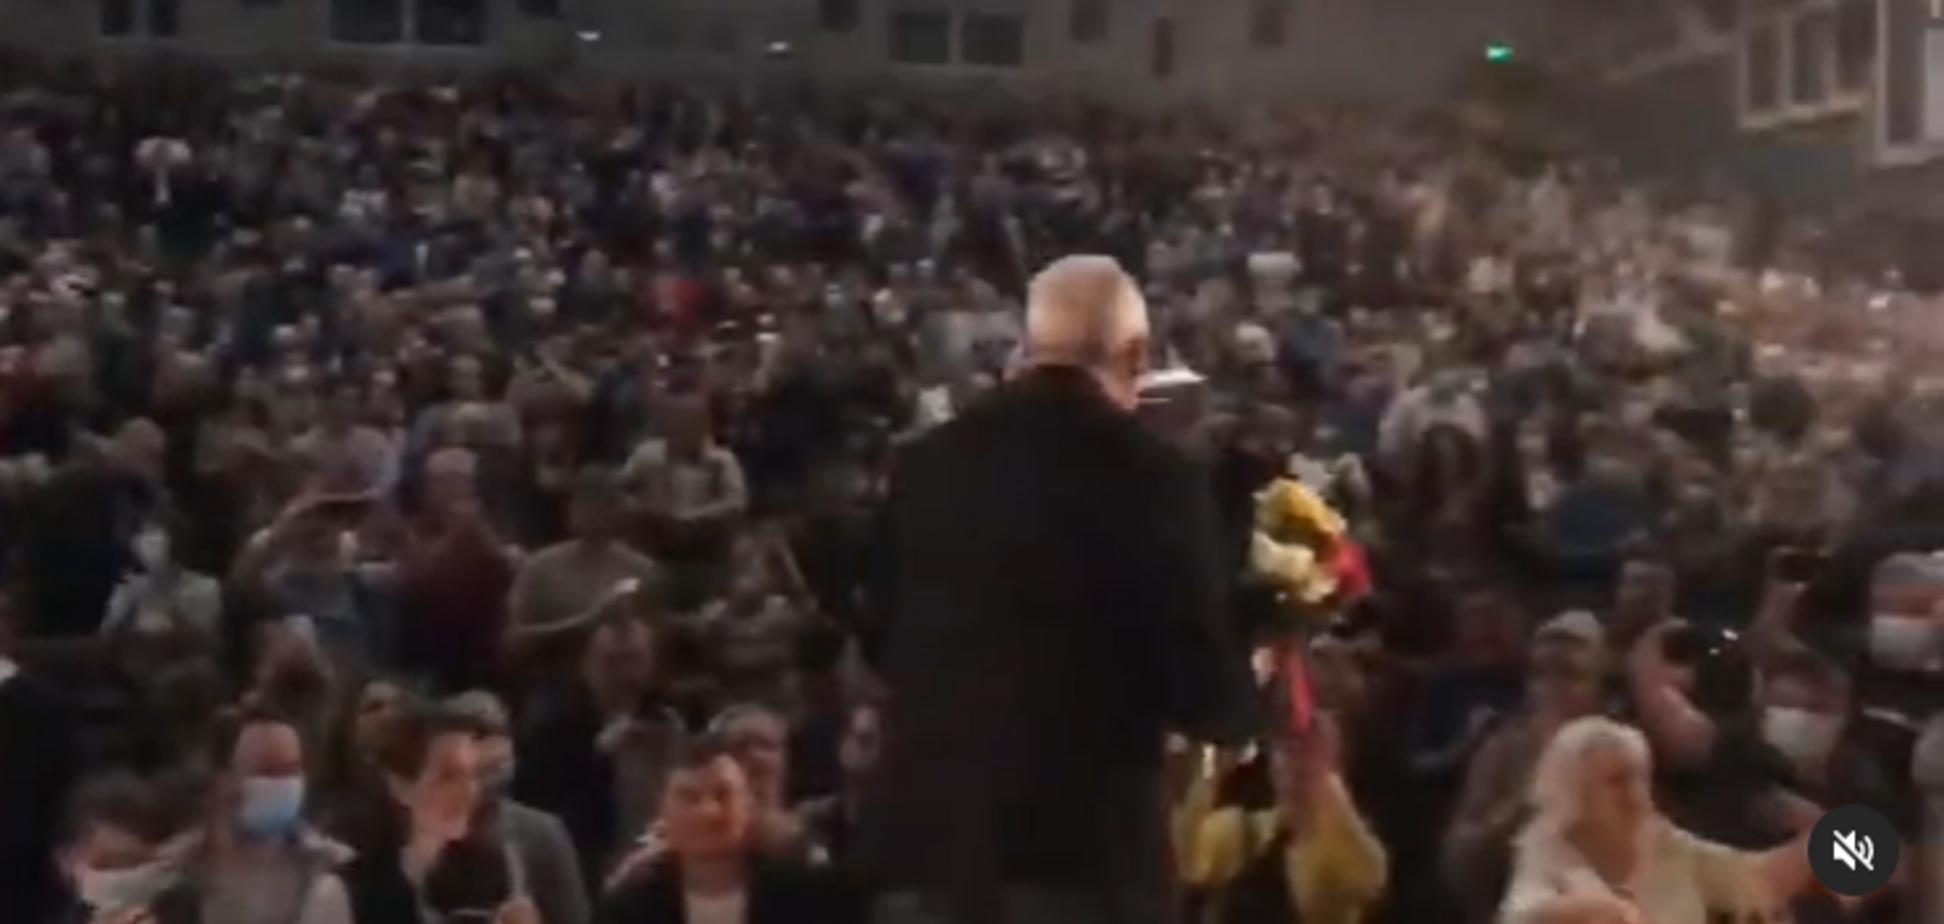 Андрій Макаревич зібрав на концерті в Полтаві повний зал шанувальників